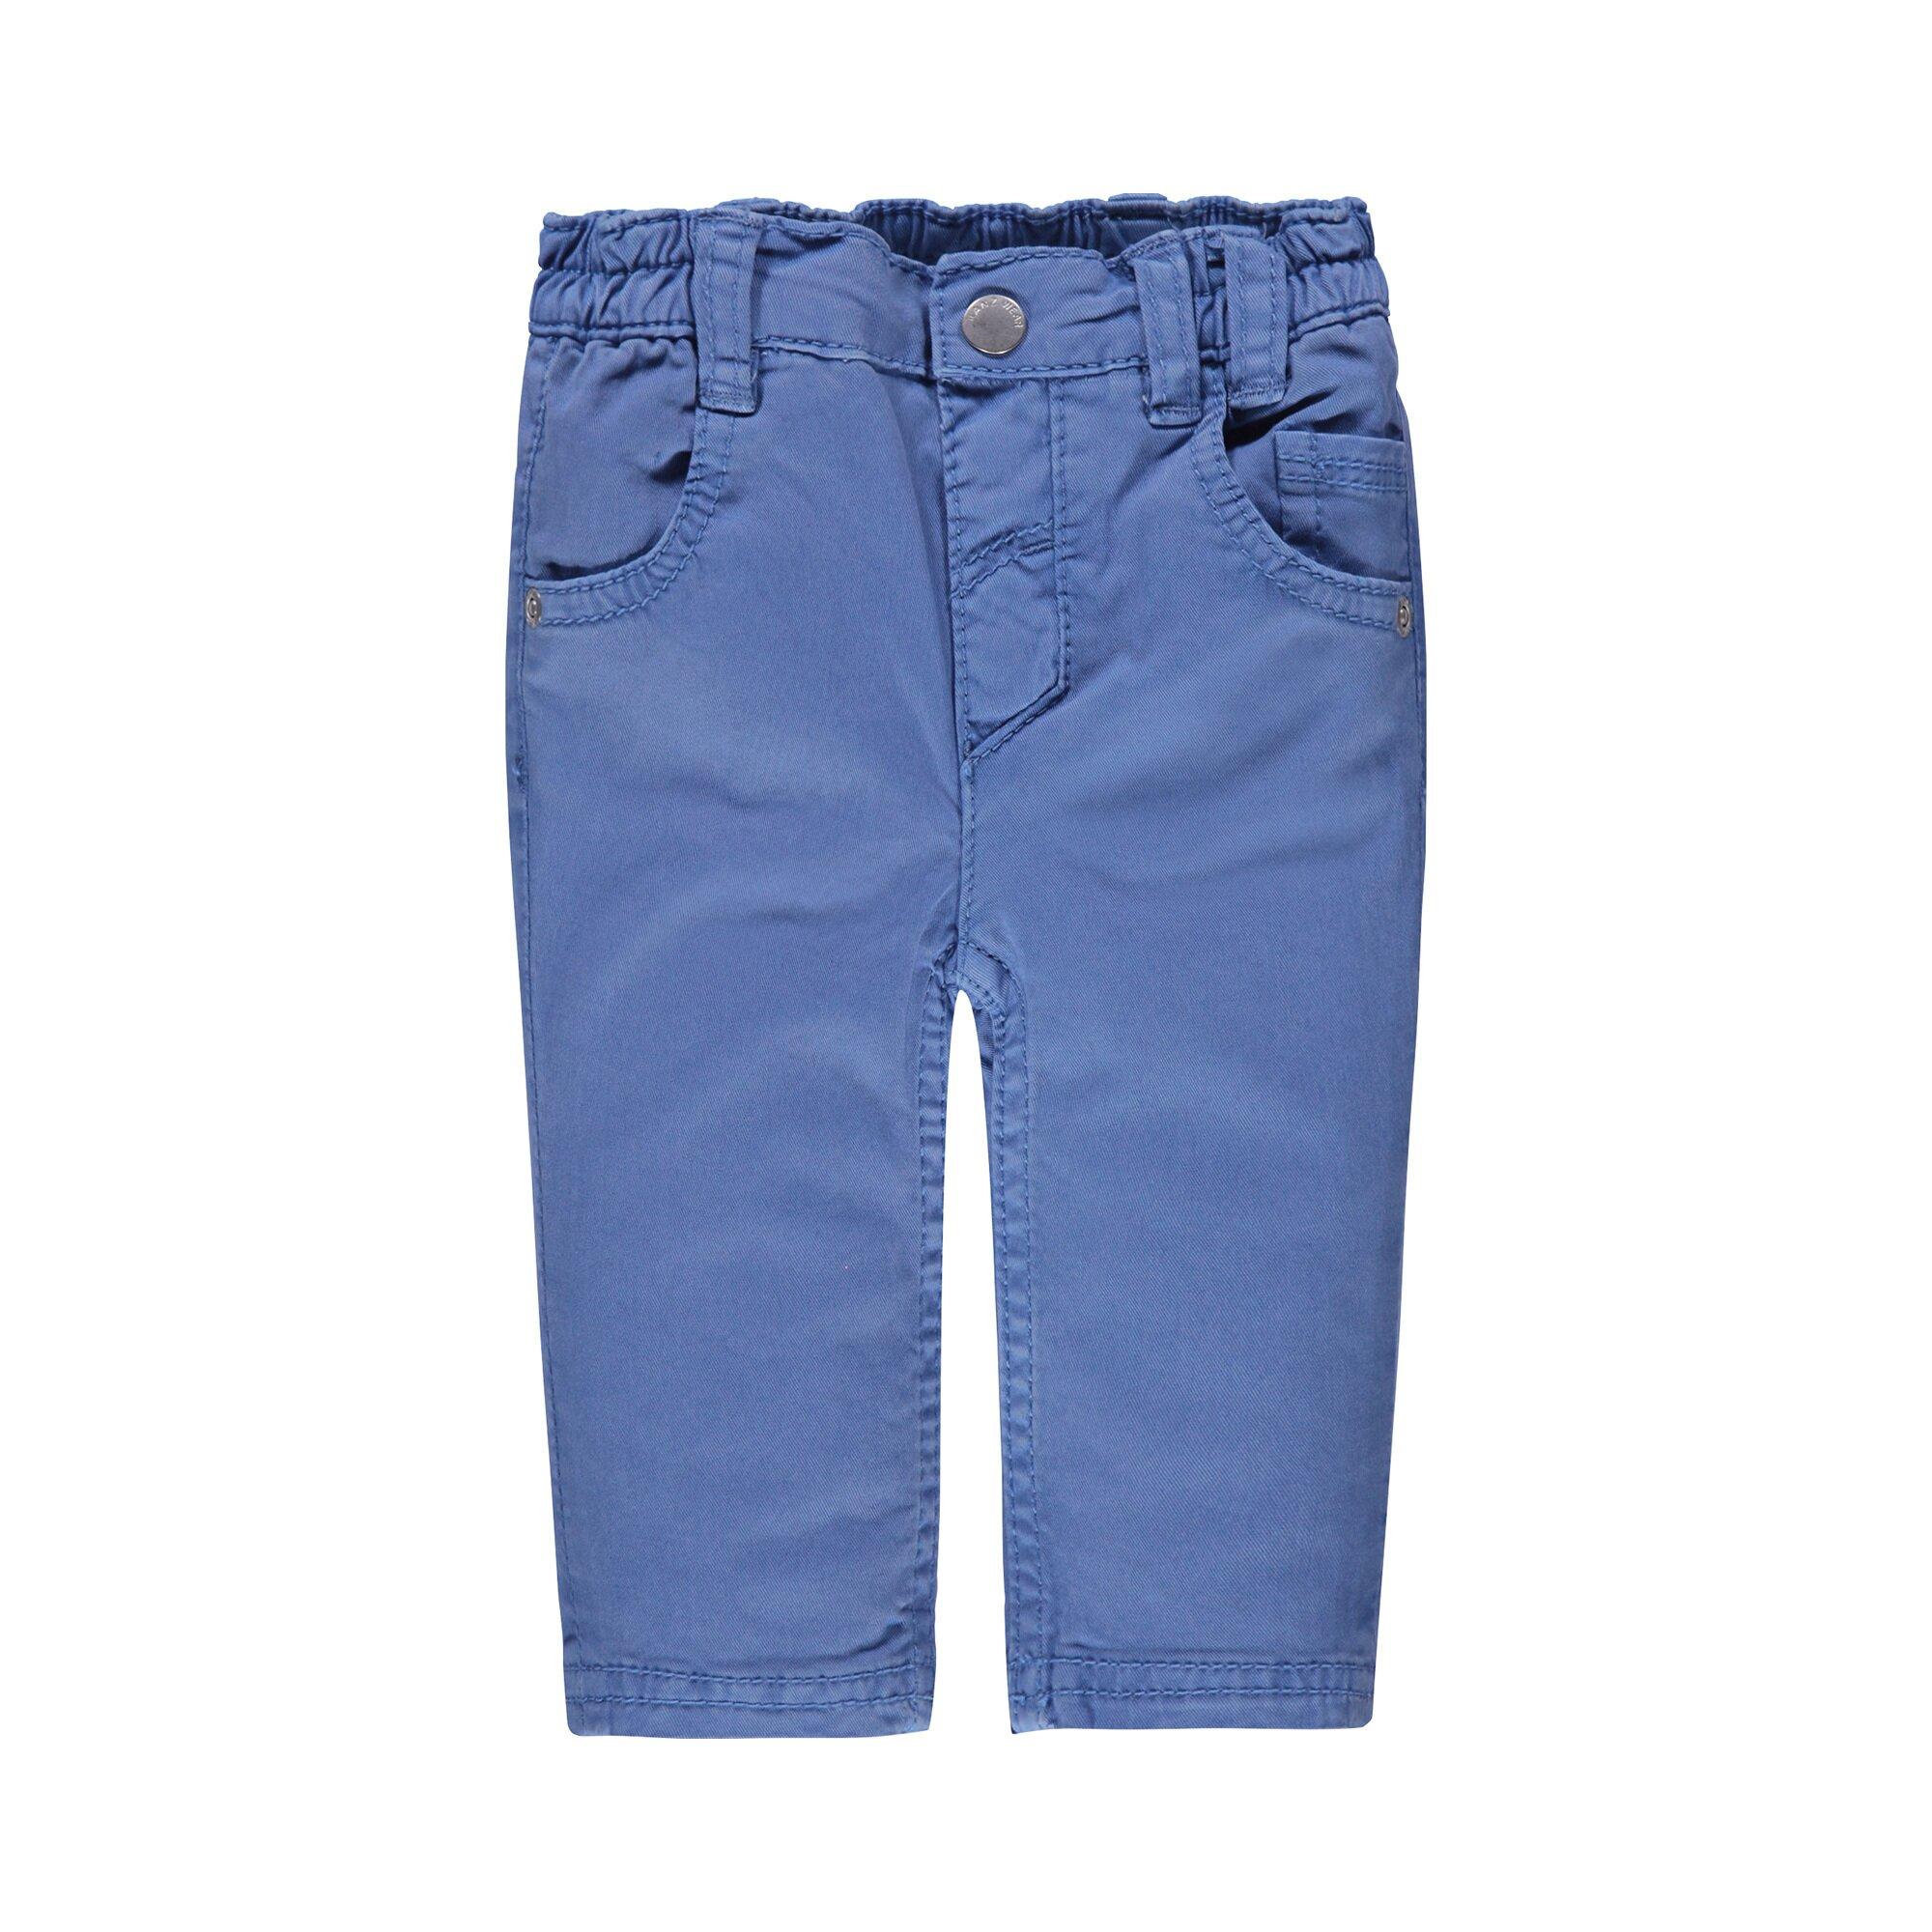 Kanz Hose 5 Pocket